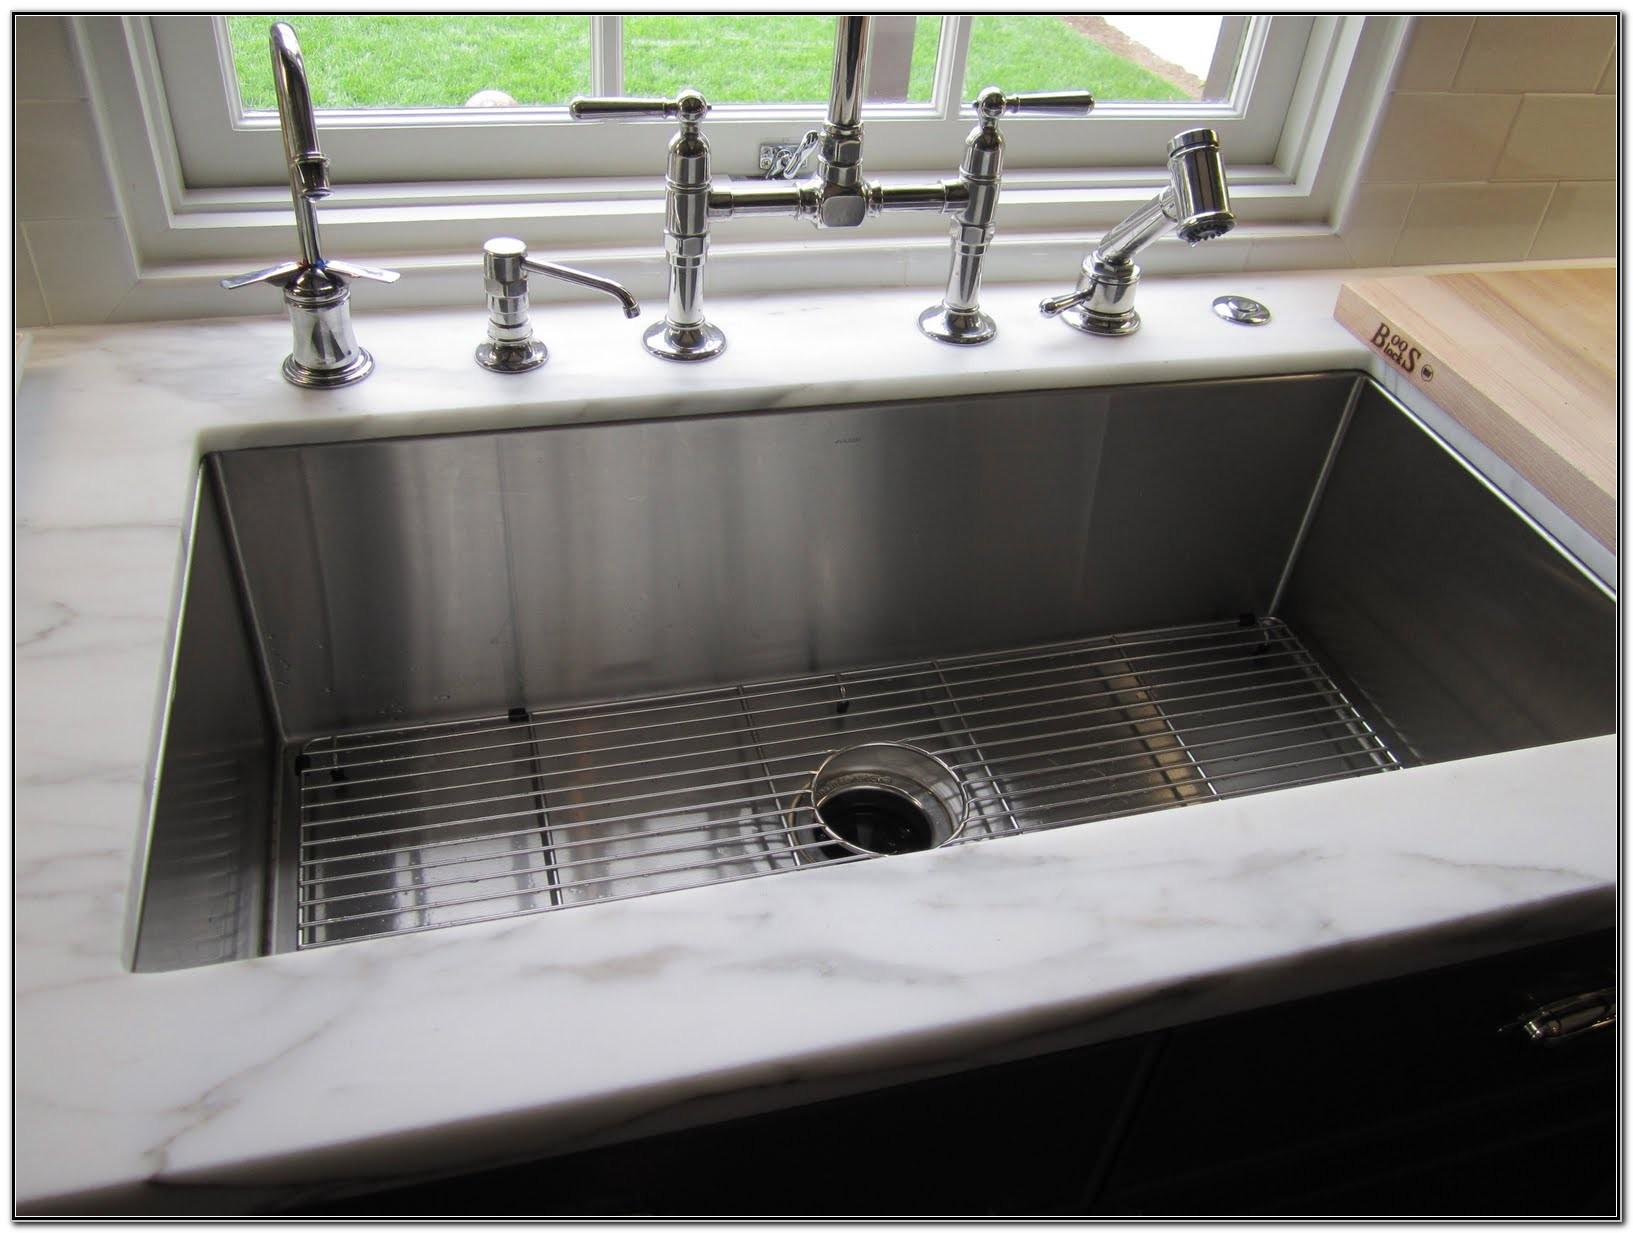 Stainless Steel Undermount Single Basin Sink